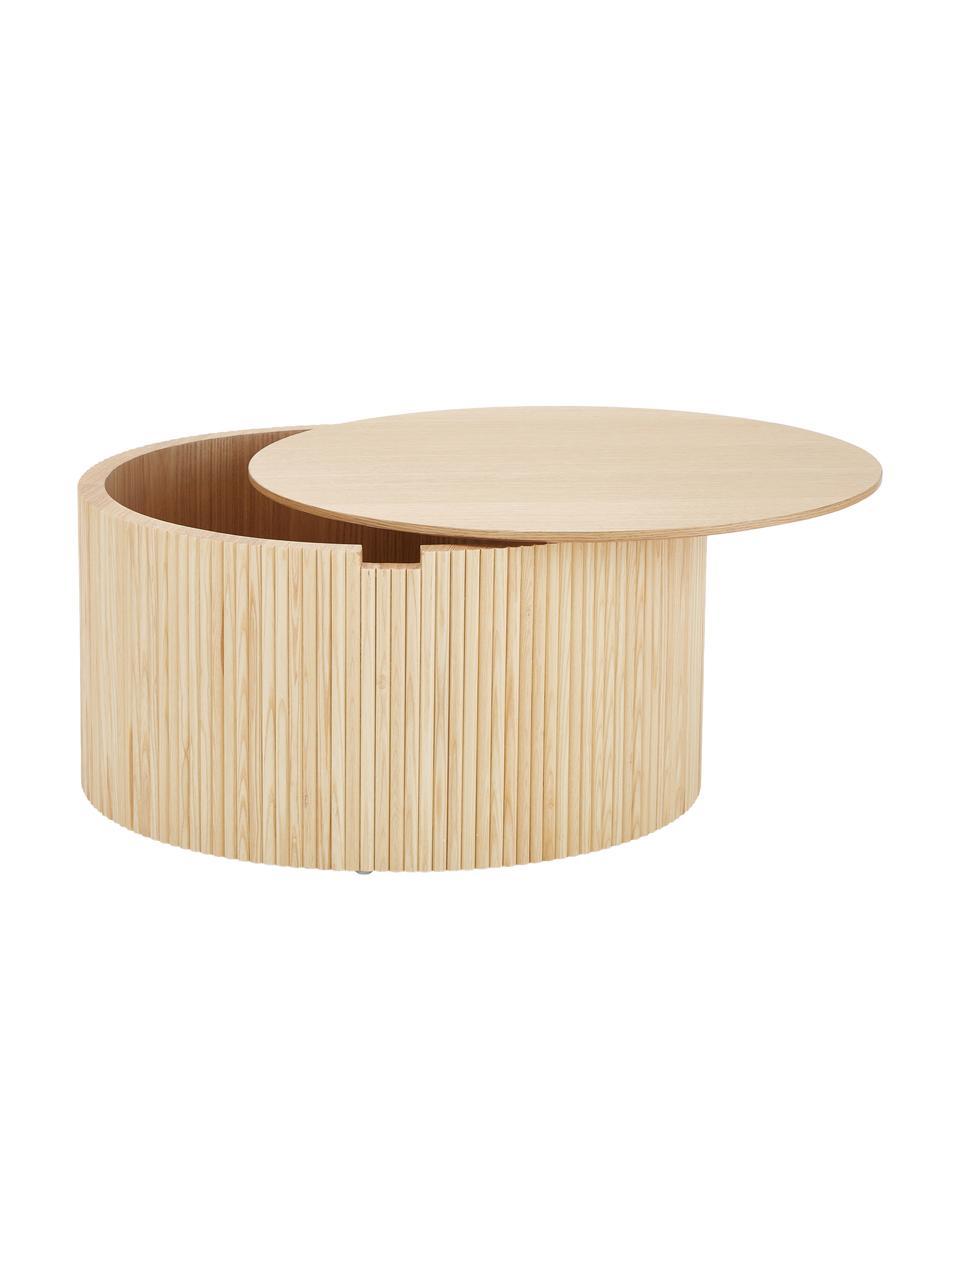 Tavolino contenitore rotondo in legno Nele, Pannello di fibra a media densità (MDF) con finitura in legno di frassino, Finitura in legno di frassino, Ø 70 x Alt. 36 cm